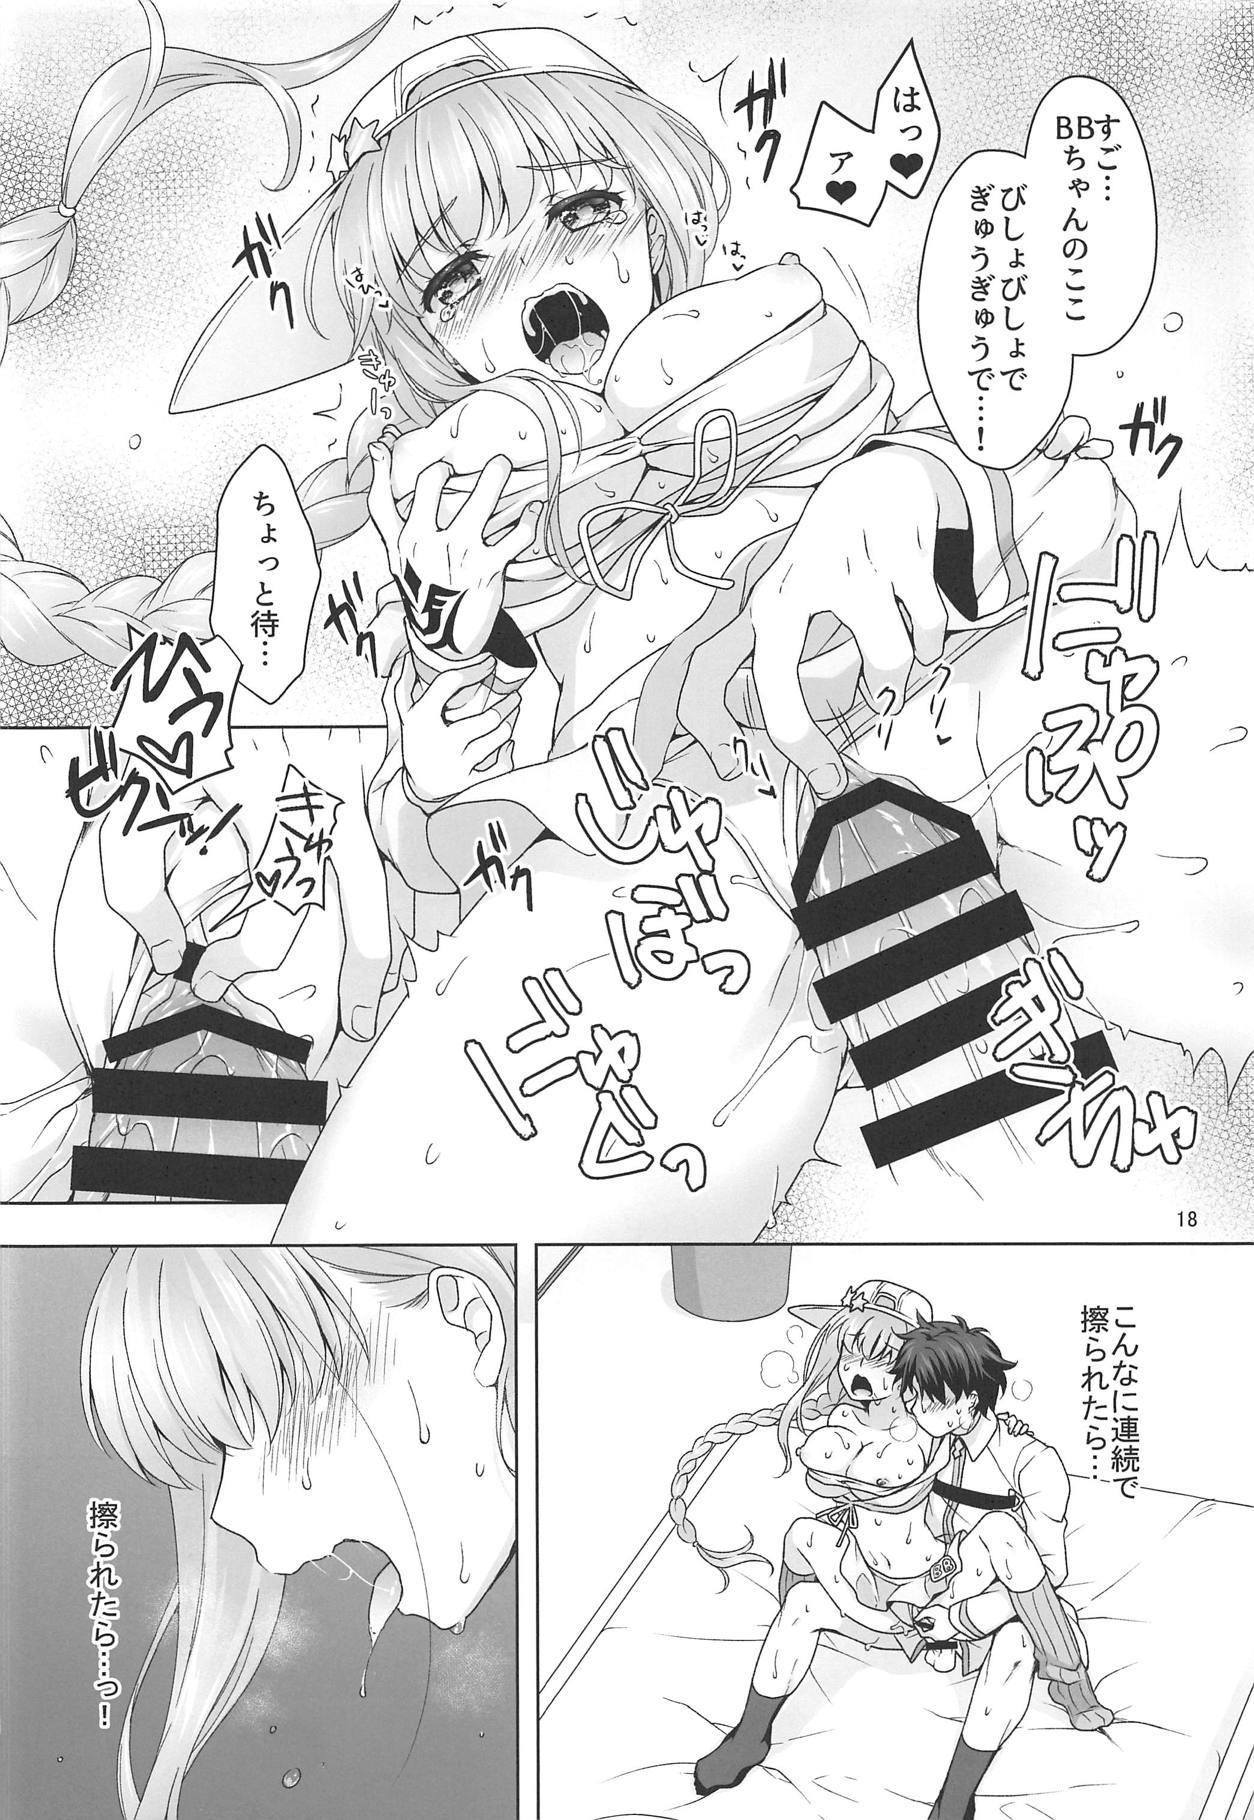 BB-chan ni Seiyoku Shori Shitemorau Hon 16